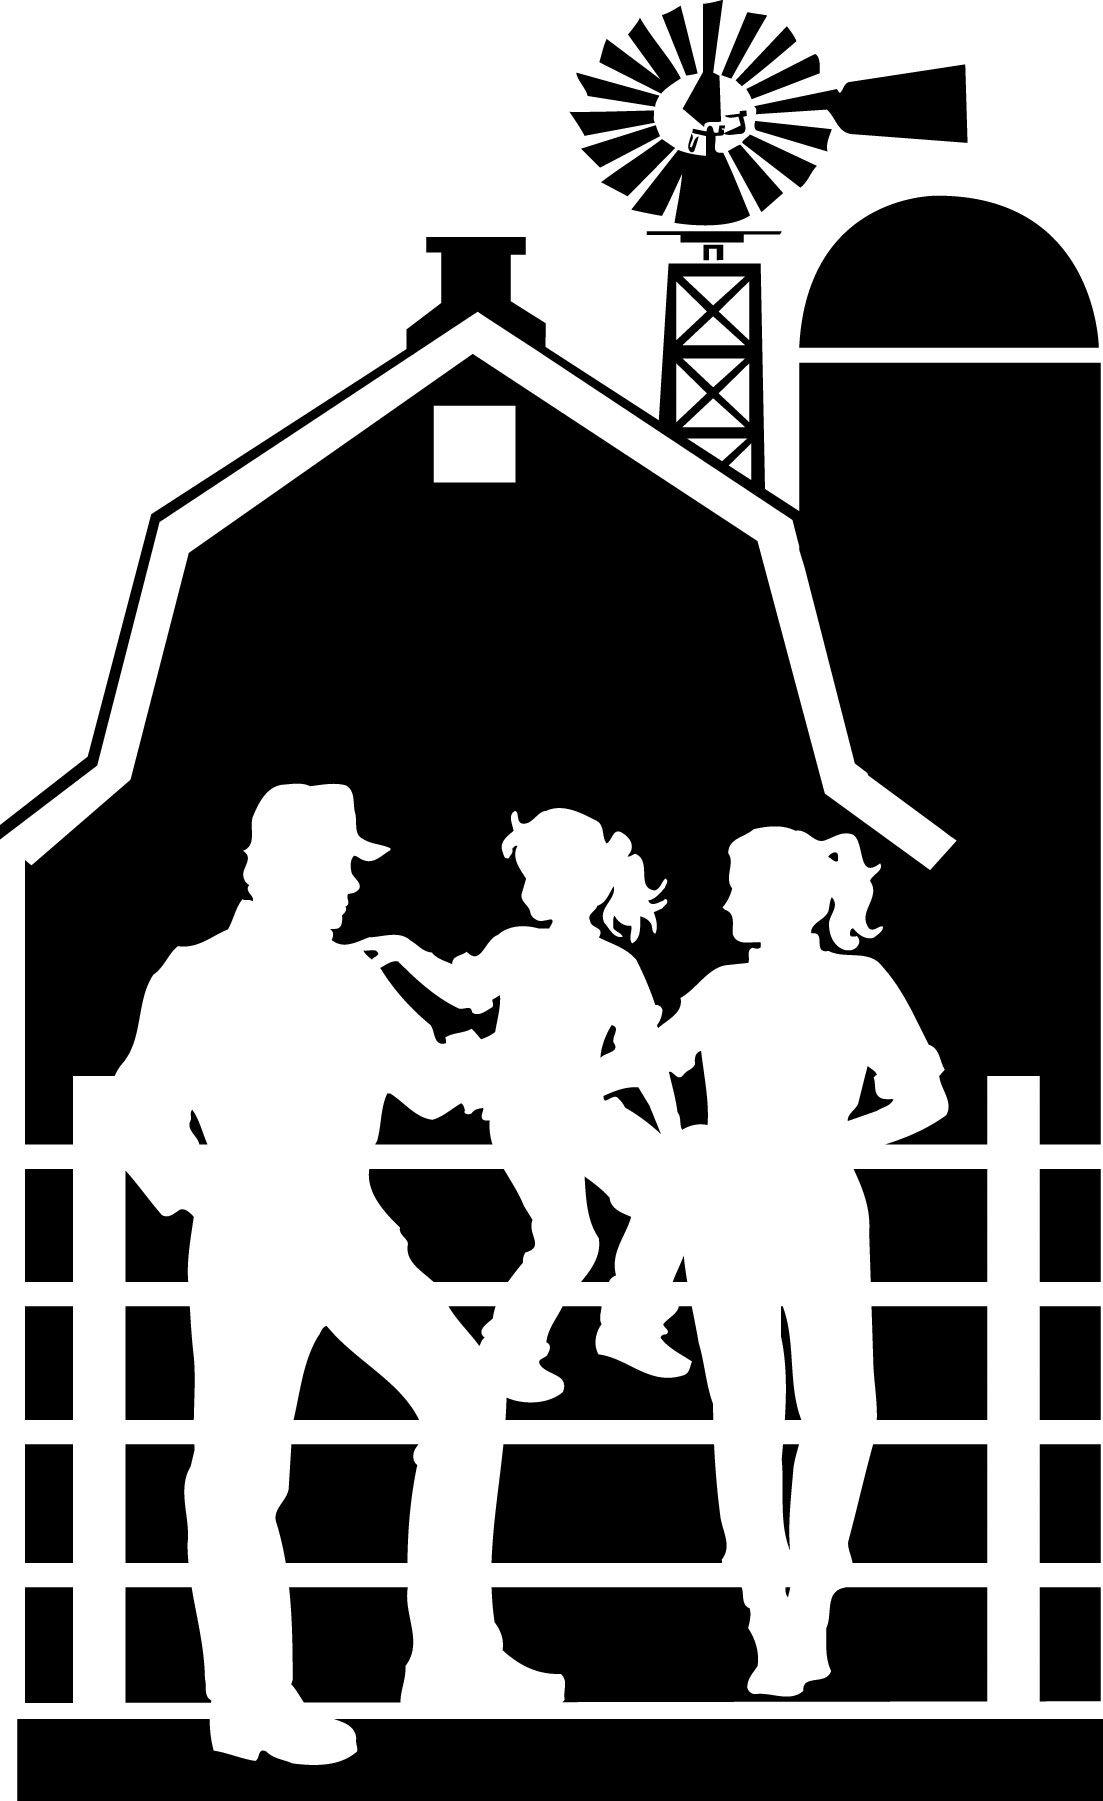 Barn clipart silhouette. Farm clip art iowa